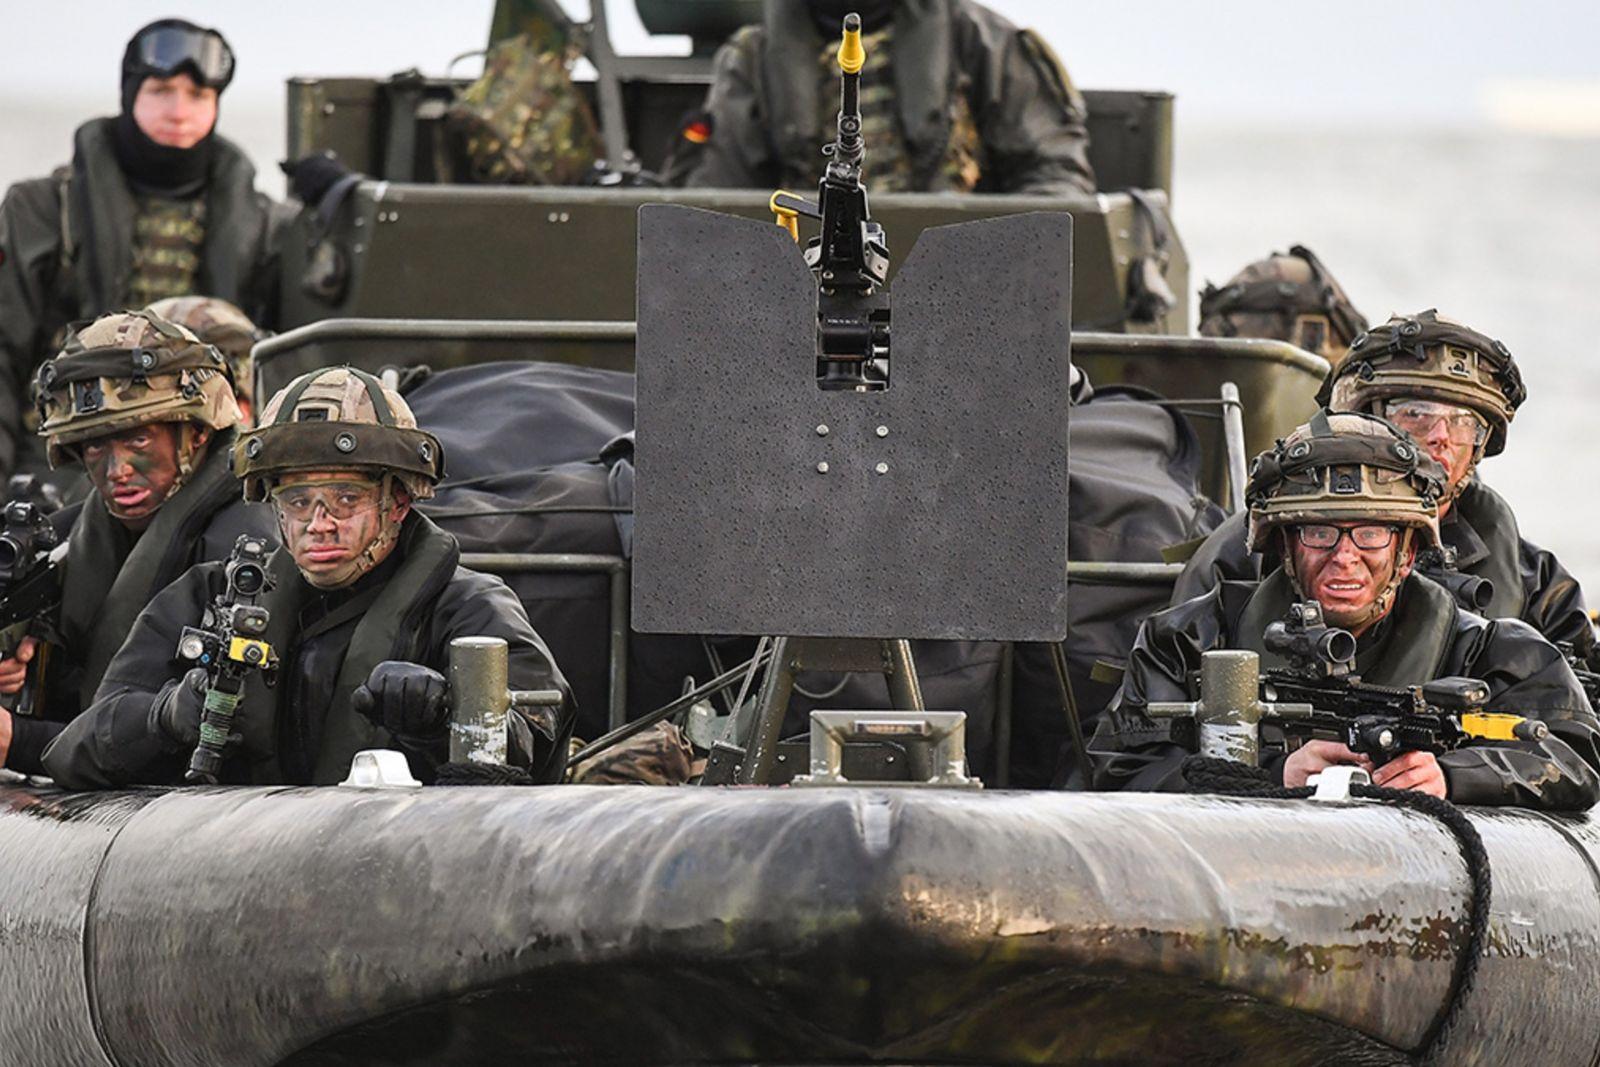 NATO kirim Pasukan Pencabut Nyawa, Rusia Kerahkan Pasukan Siluman